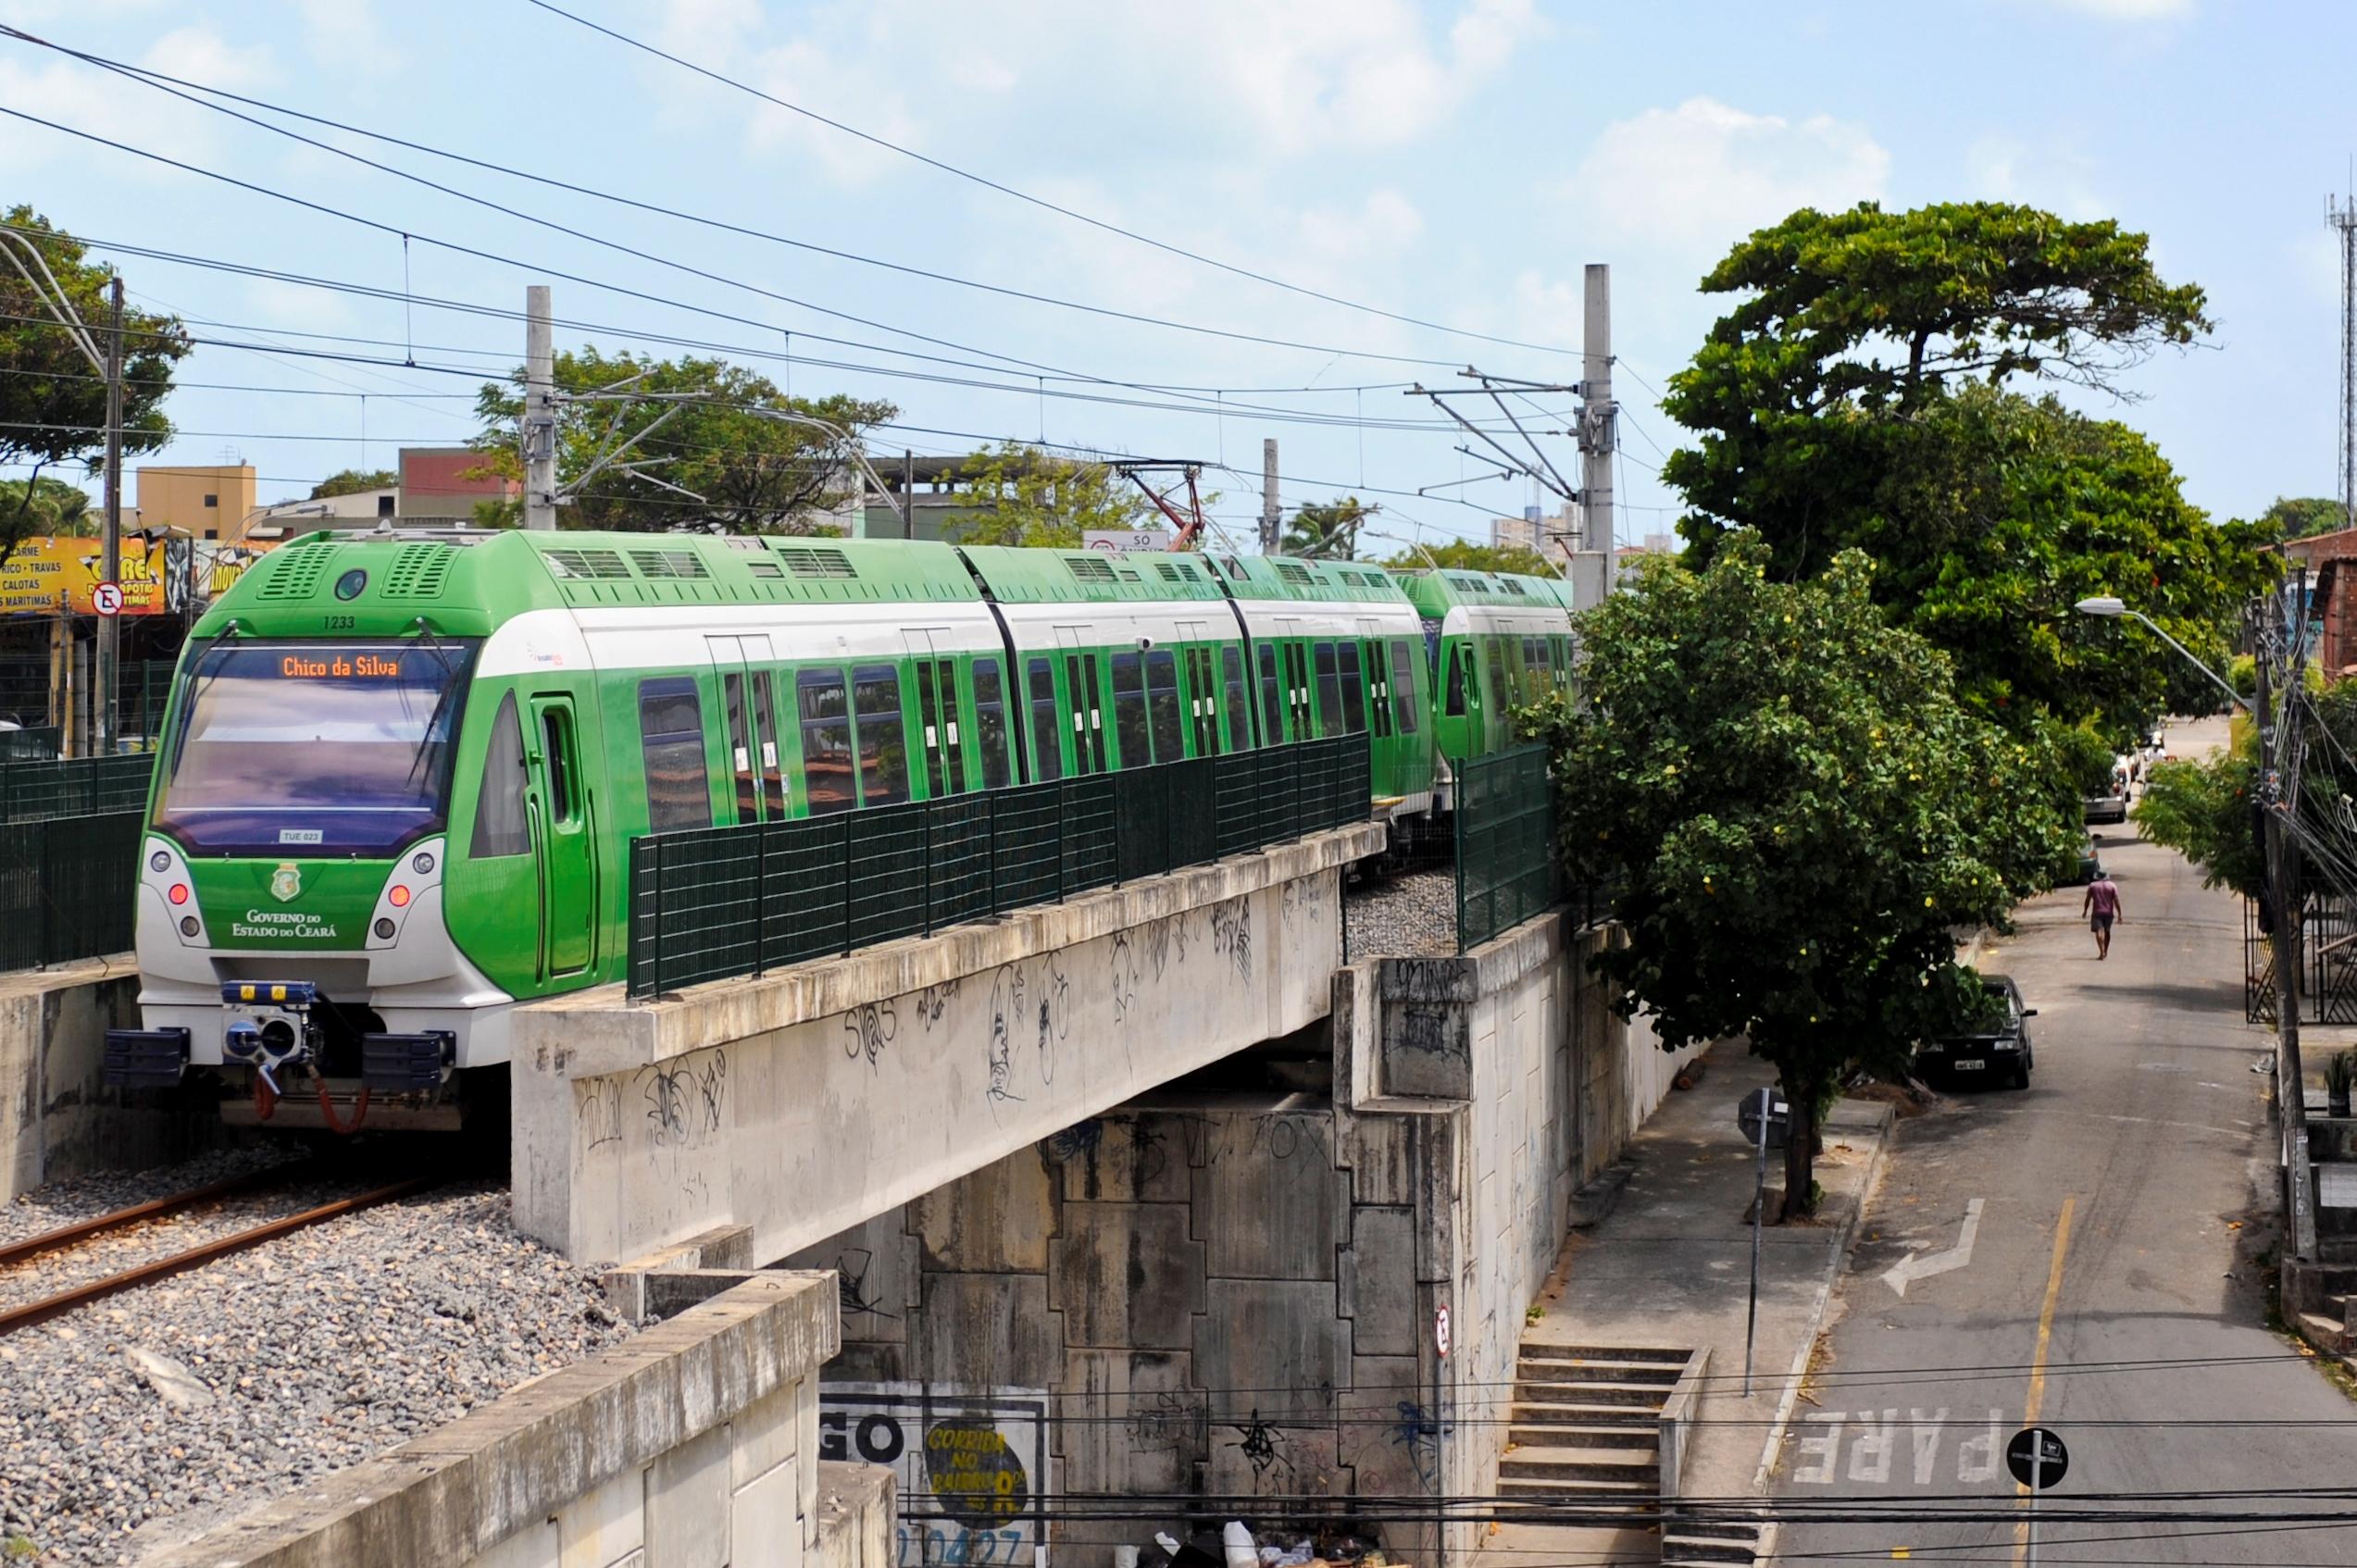 O Metrô de Fortaleza recebeu da Secretaria Estadual do Meio Ambiente (SEMACE) licença ambiental para continuidade das obras da Estação Padre Cícero.